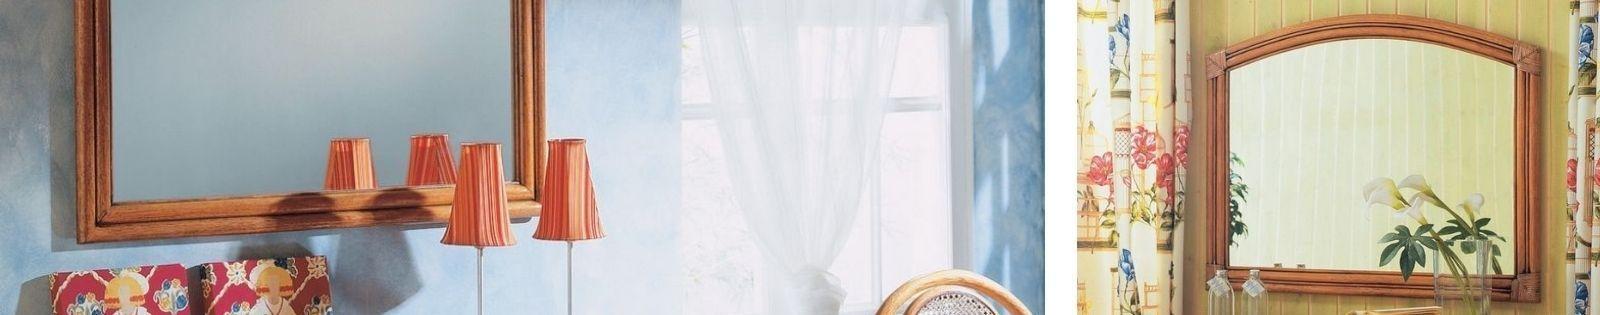 Miroirs : meubles de qualité. Haut de gamme. Le Monde du Lit